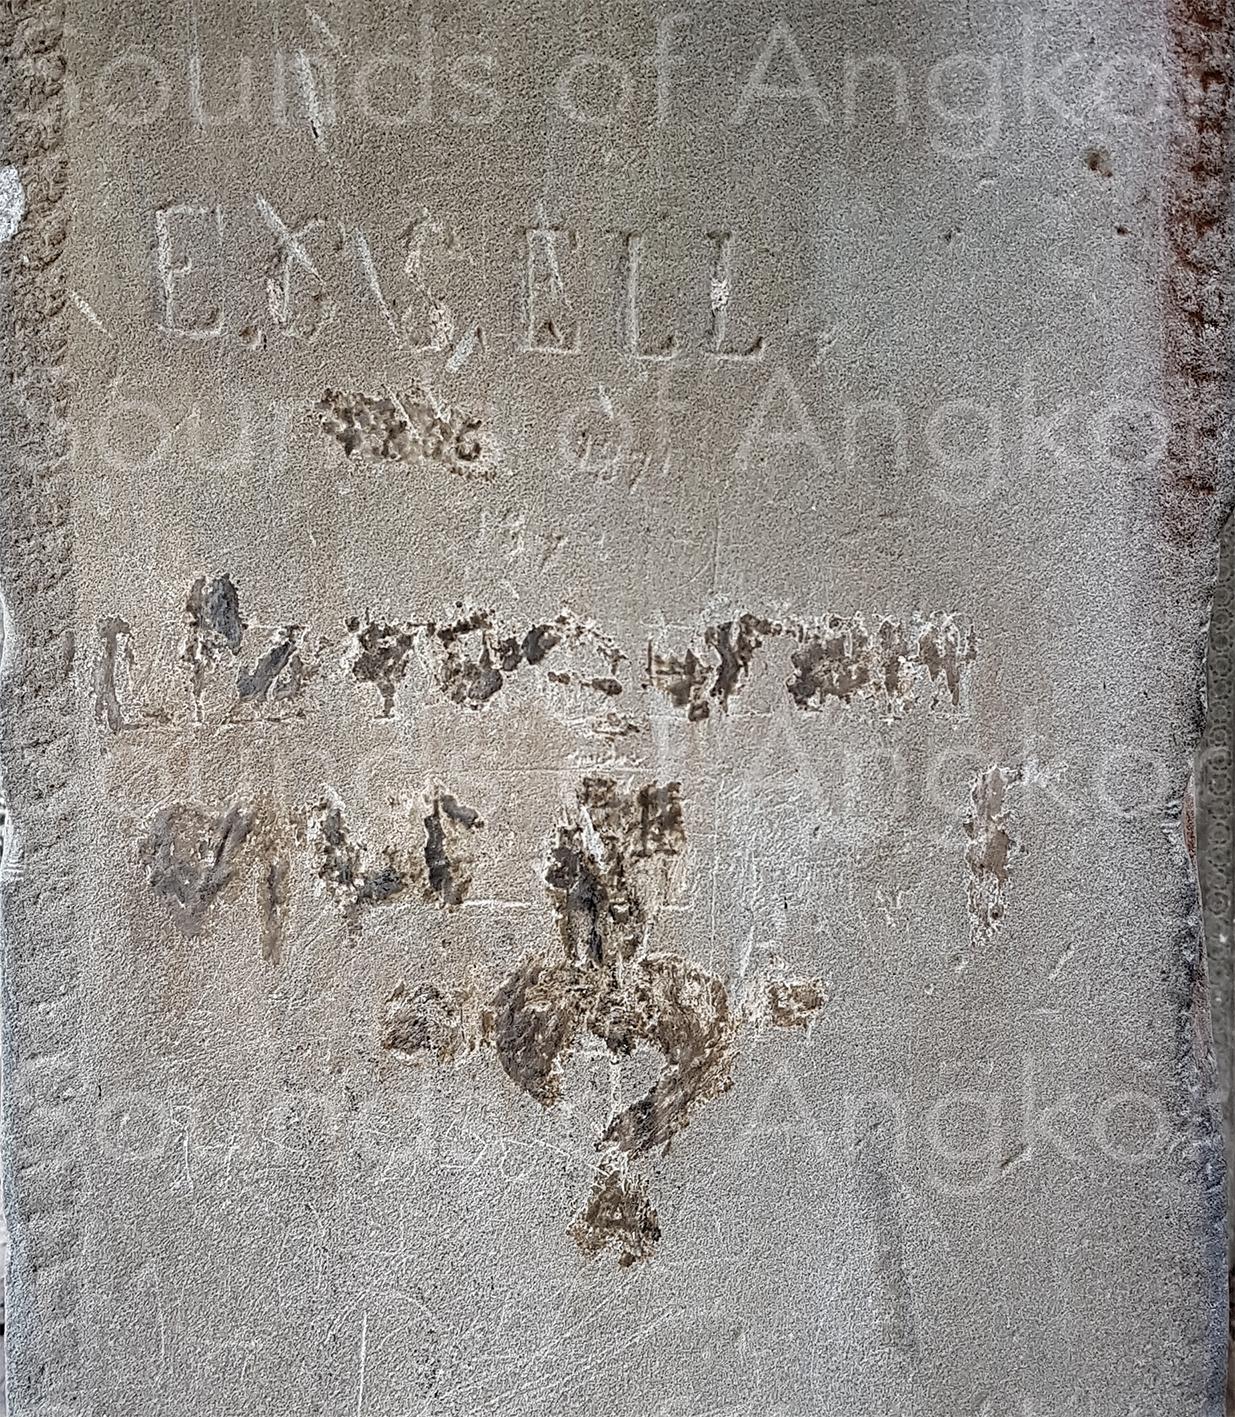 Autographie d'Émile Gsell et graffiti recouvert se trouvant au-dessous.